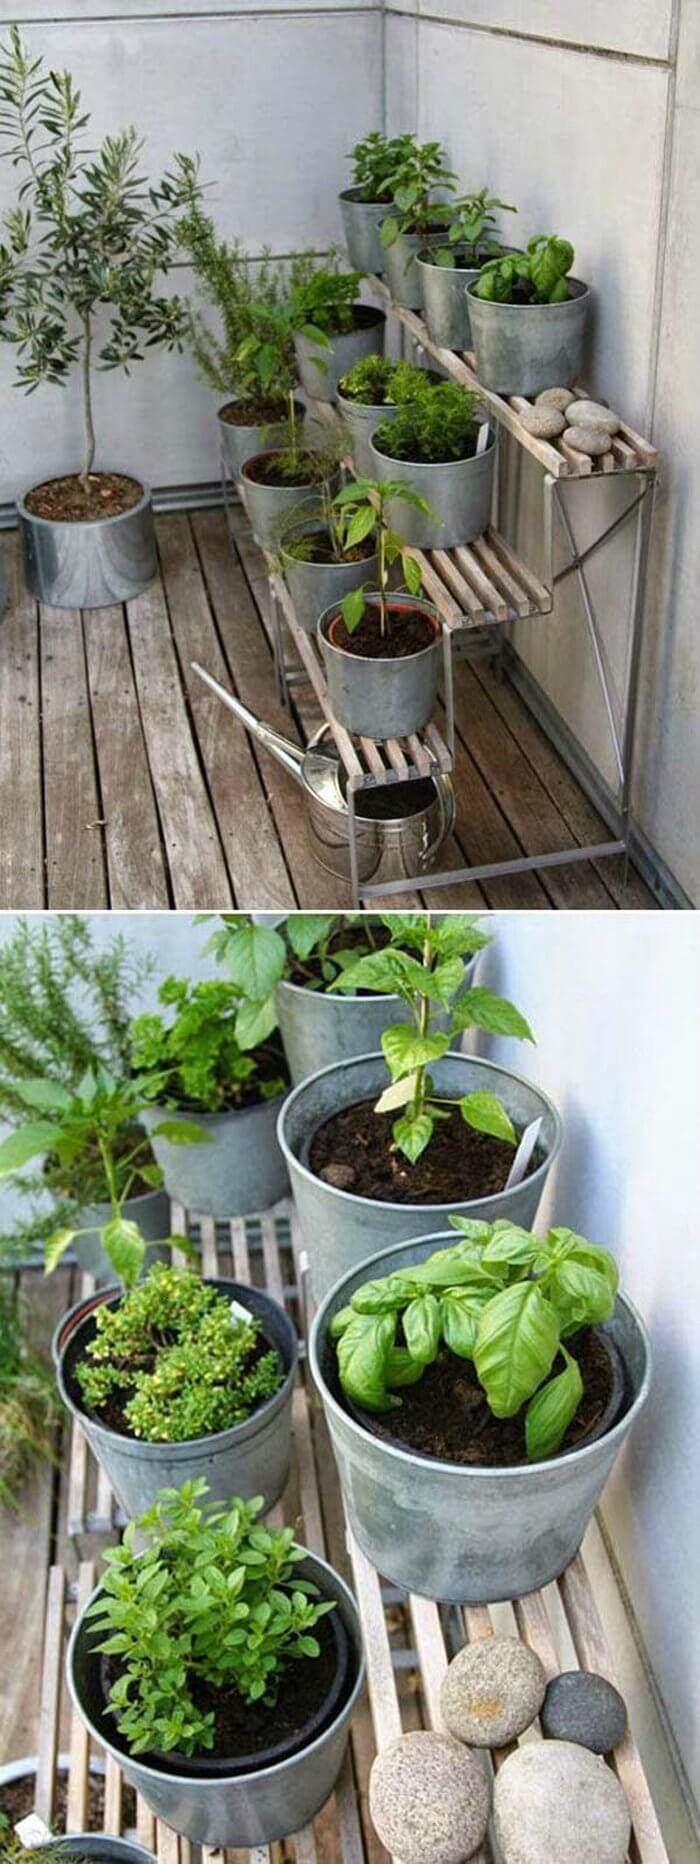 originales y creativos jardines hierbas 16